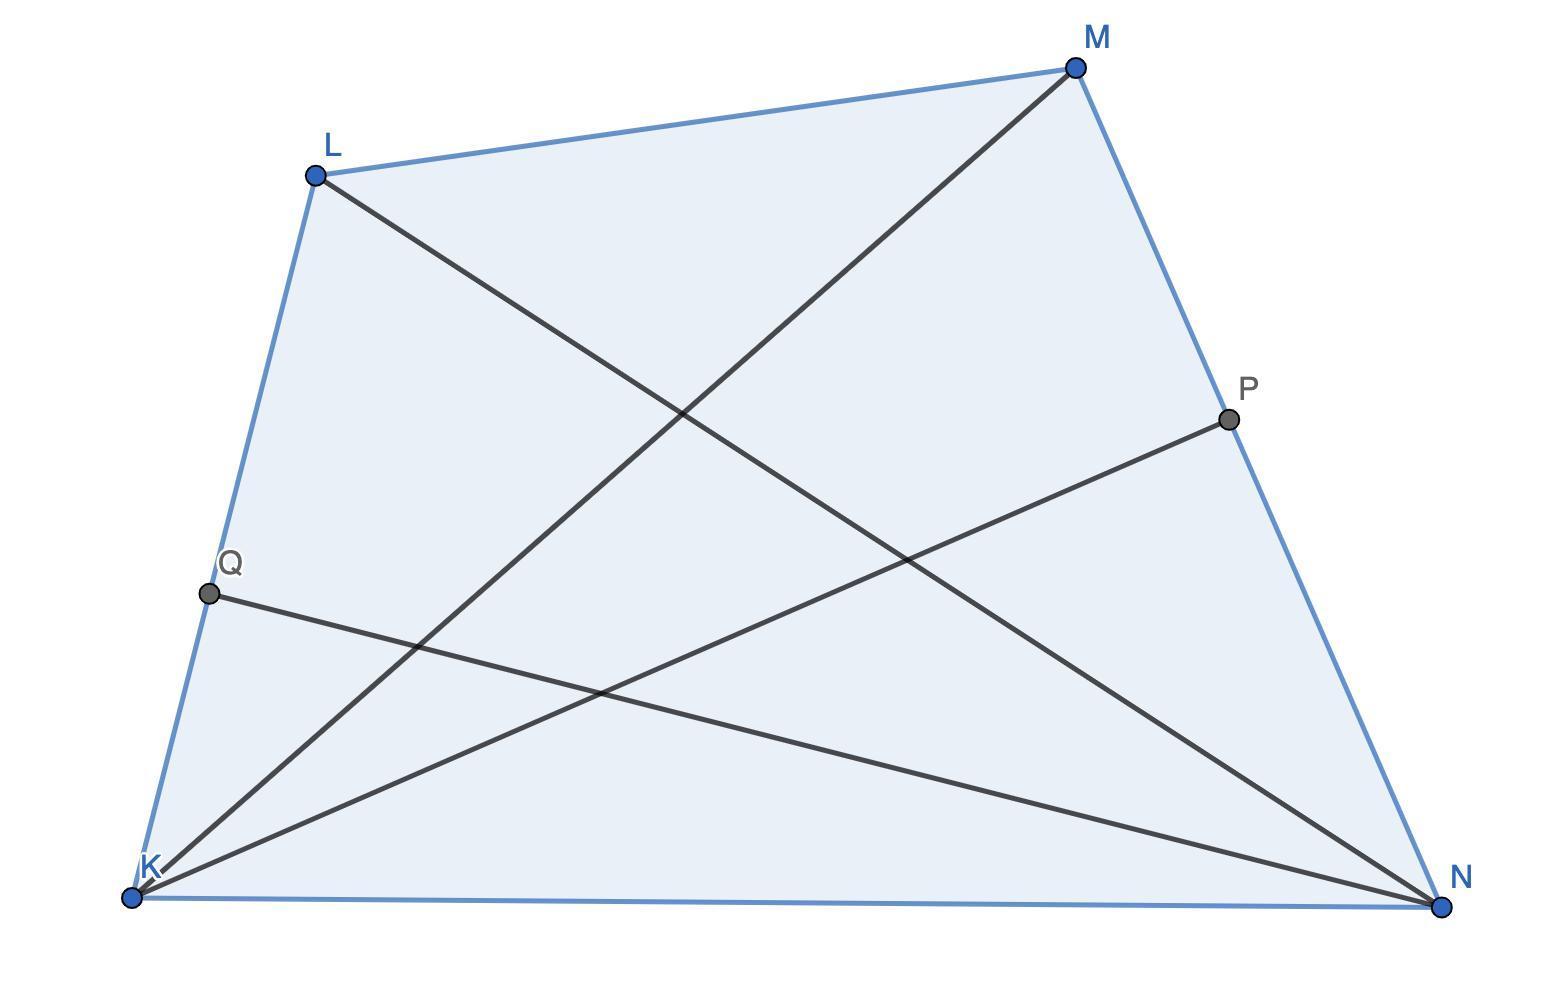 В выпуклом четырёхугольнике KLMN с диагоналями LN